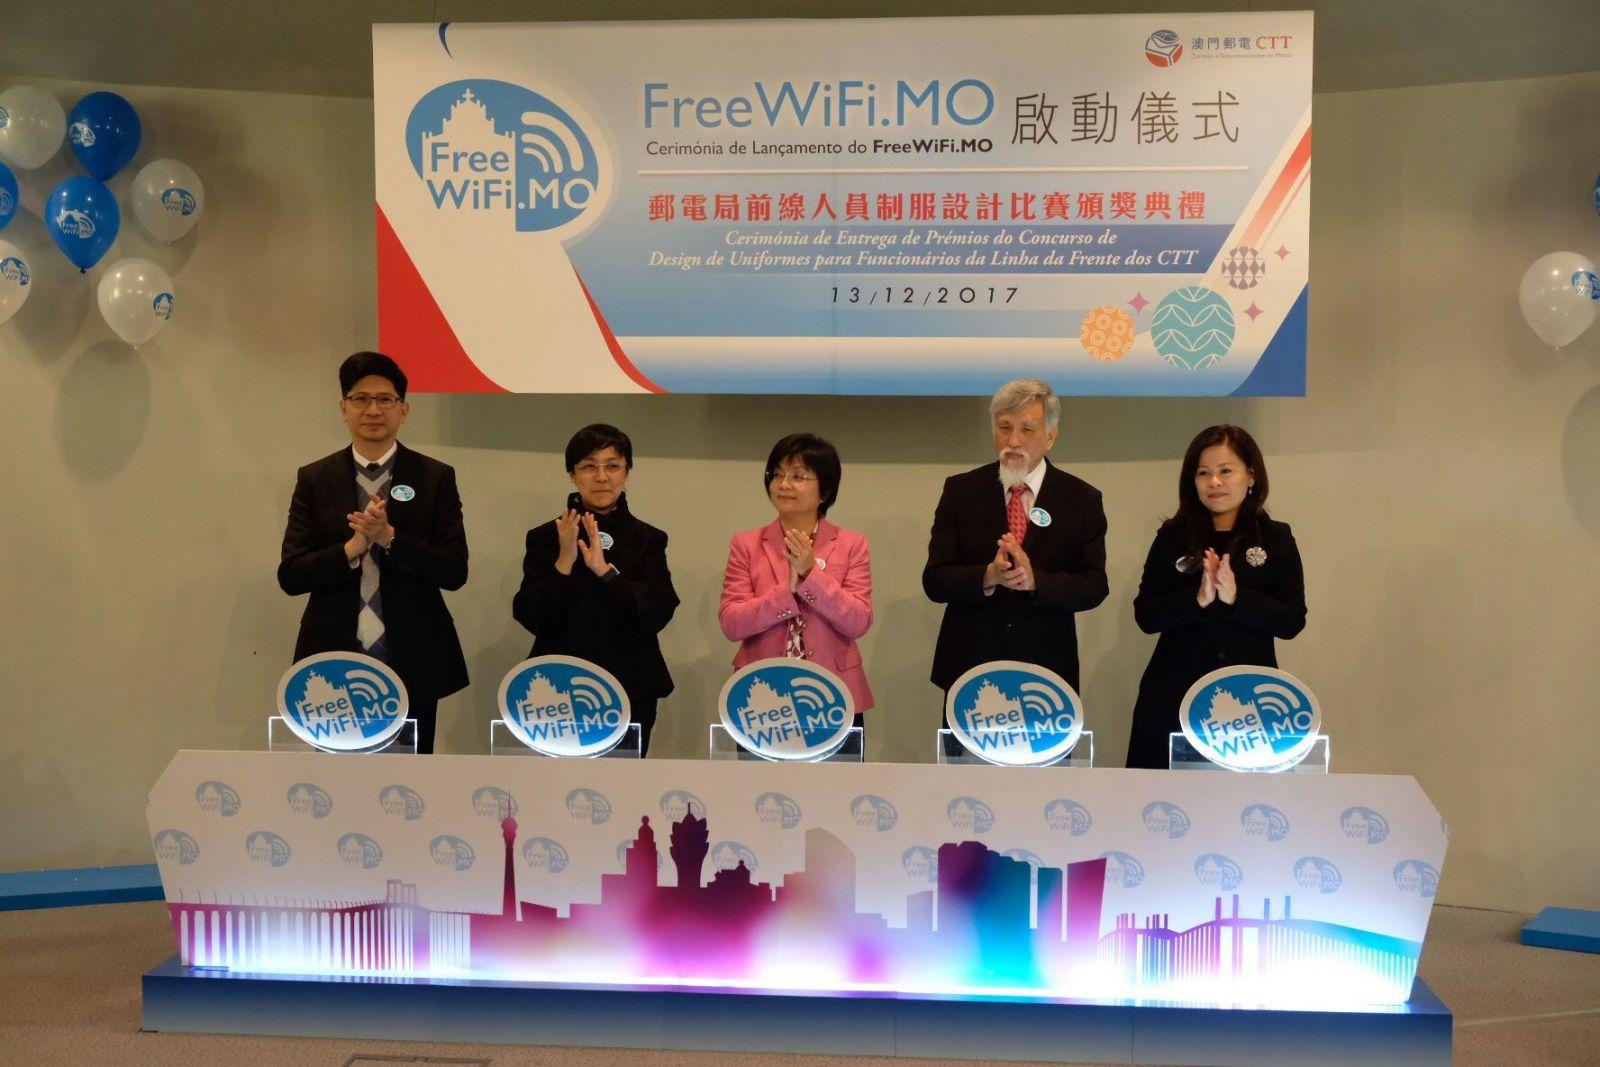 「FreeWiFi.MO」正式啟動